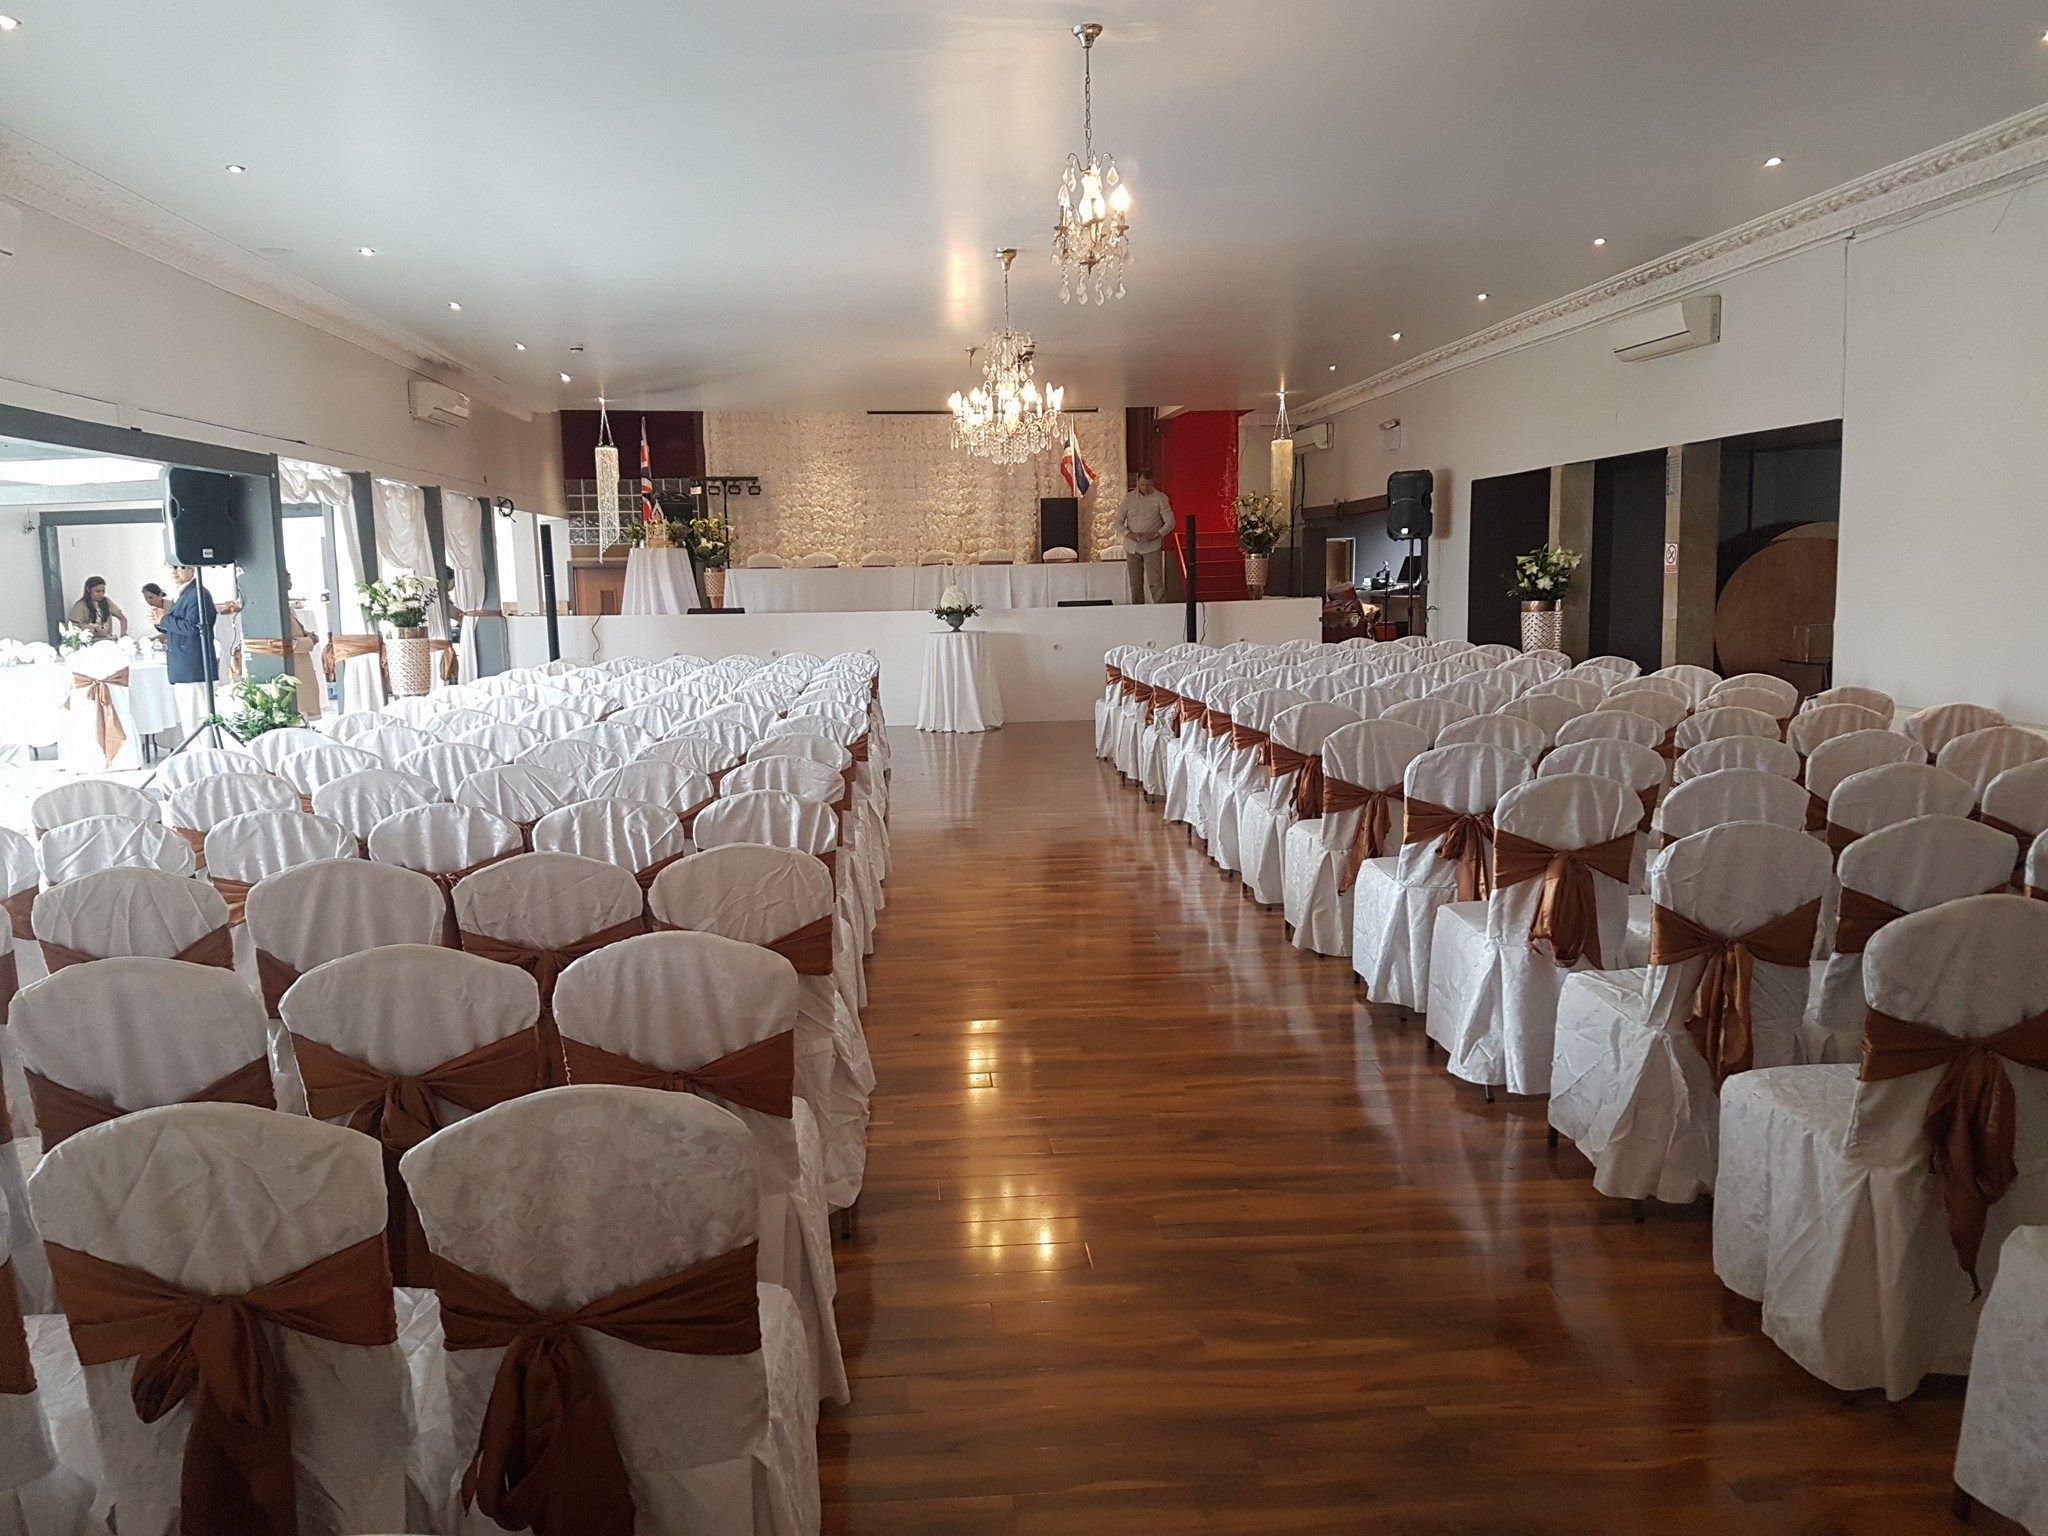 Wedding Reception Venue In City Of London Wedding Reception Venue